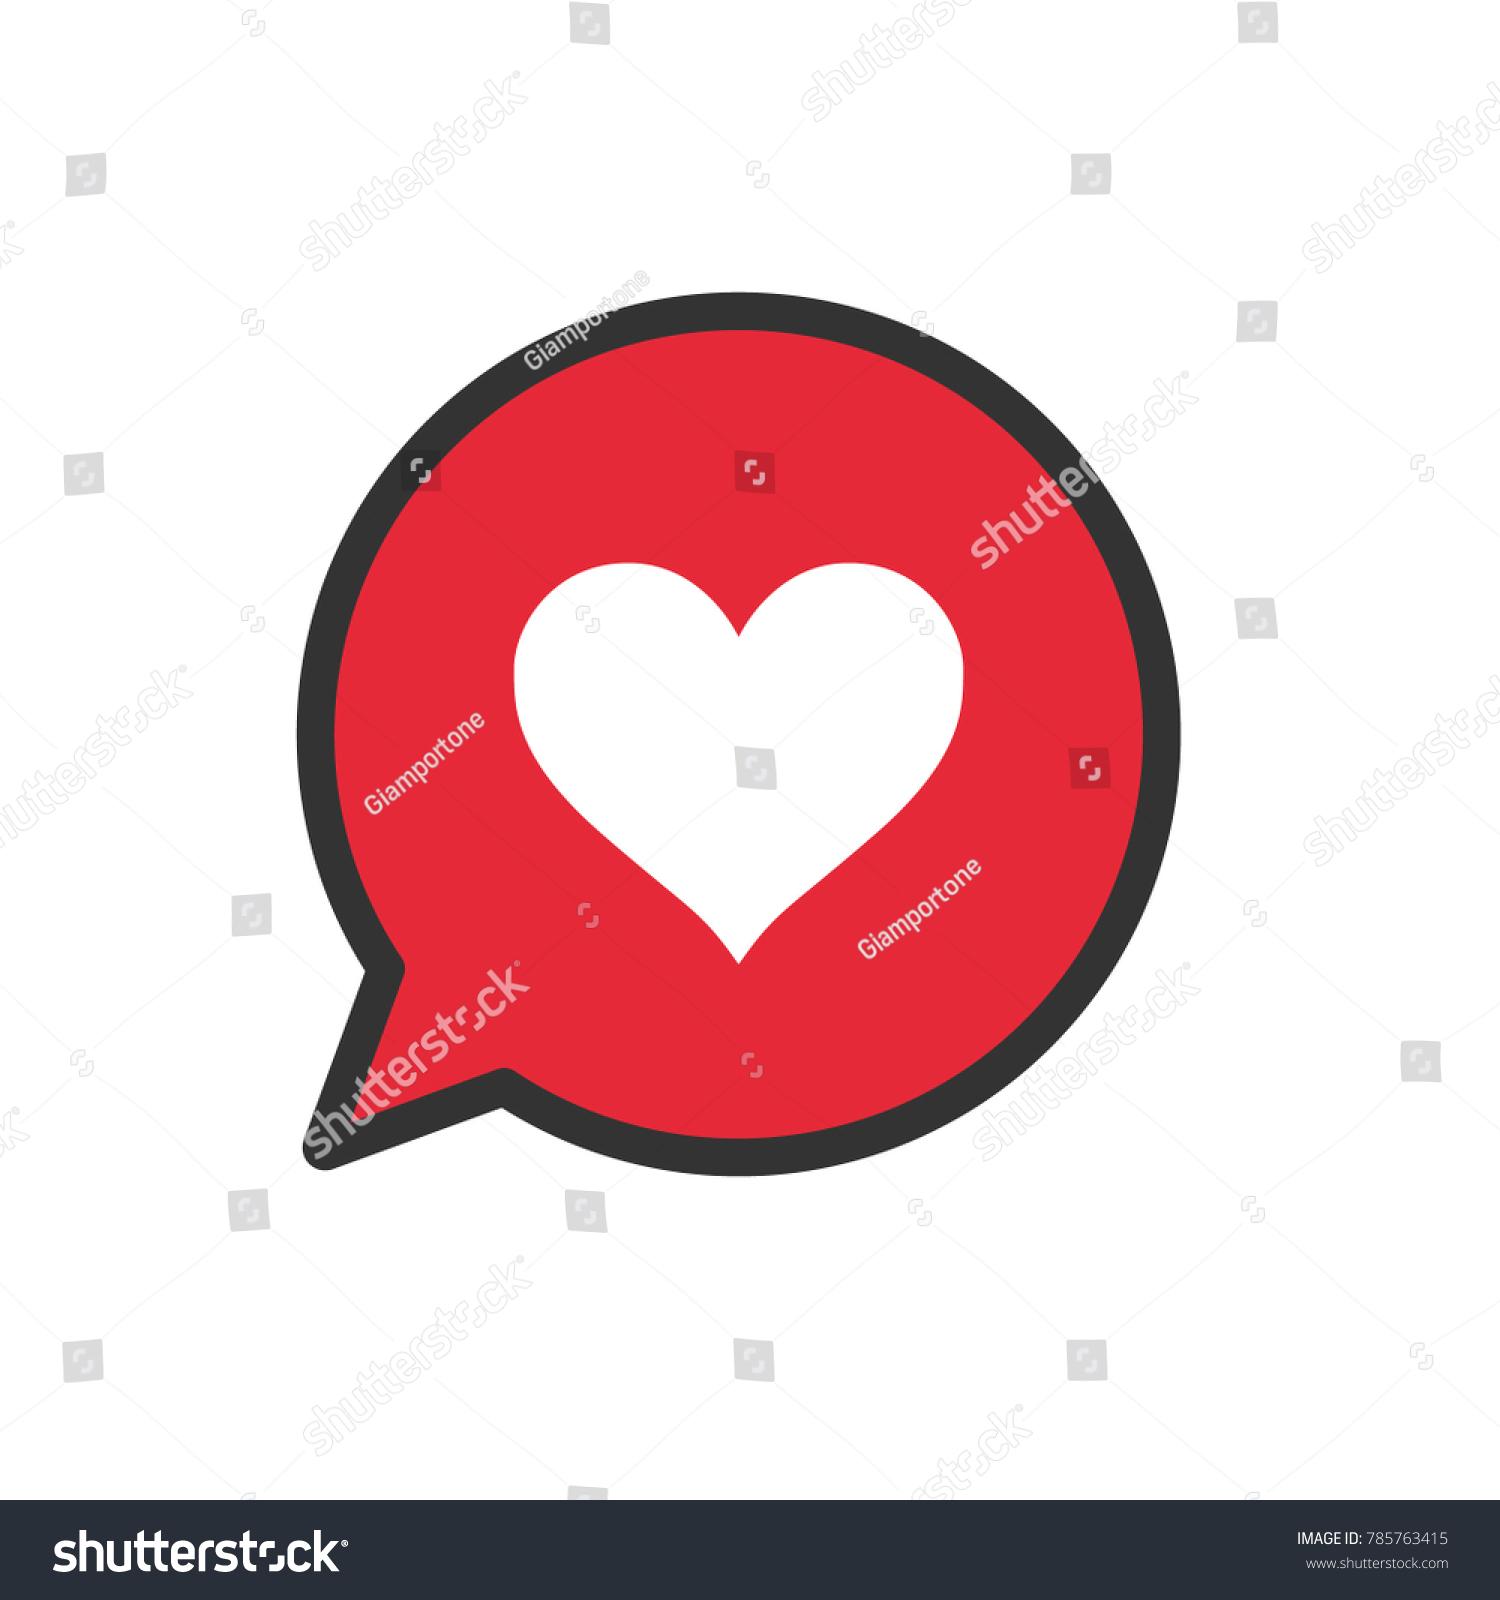 Heart icon bubble speech love symbol stock vector 785763415 heart icon in bubble speech love symbol social media like buycottarizona